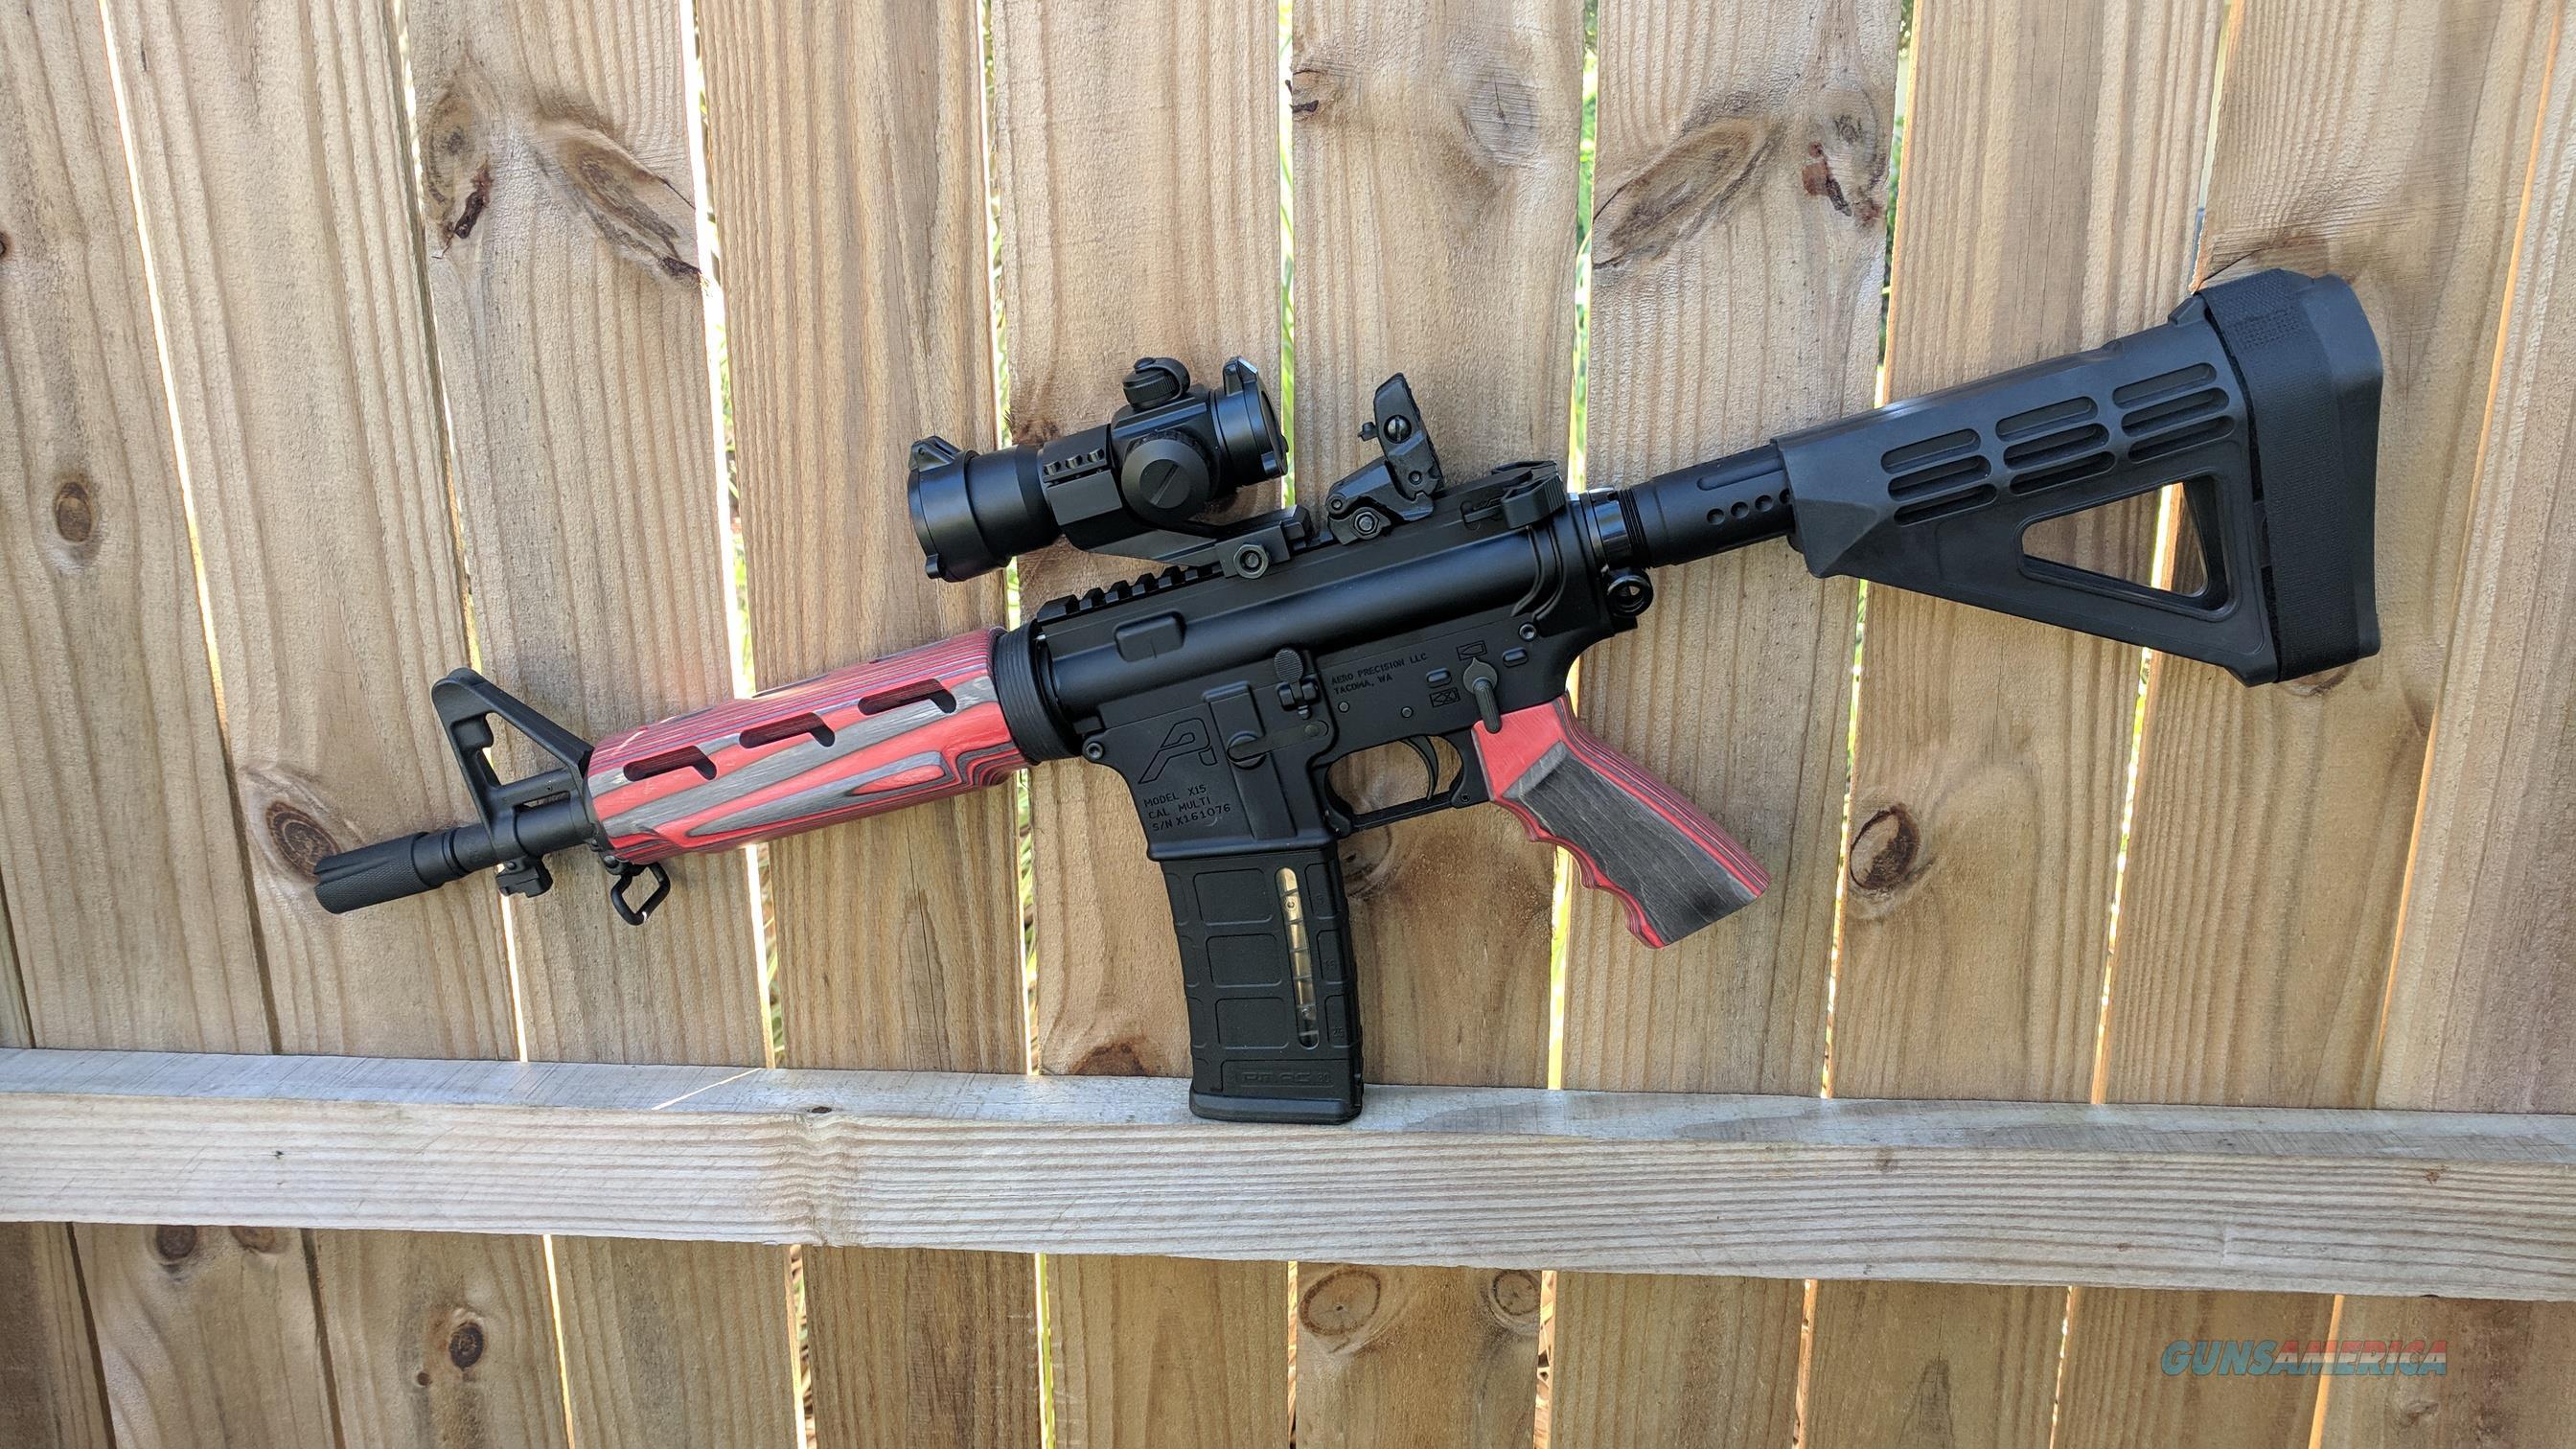 AR-15 Aero Precision - BCCF Custom Build  Guns > Pistols > Aero Precision > Aero Precision Pistols